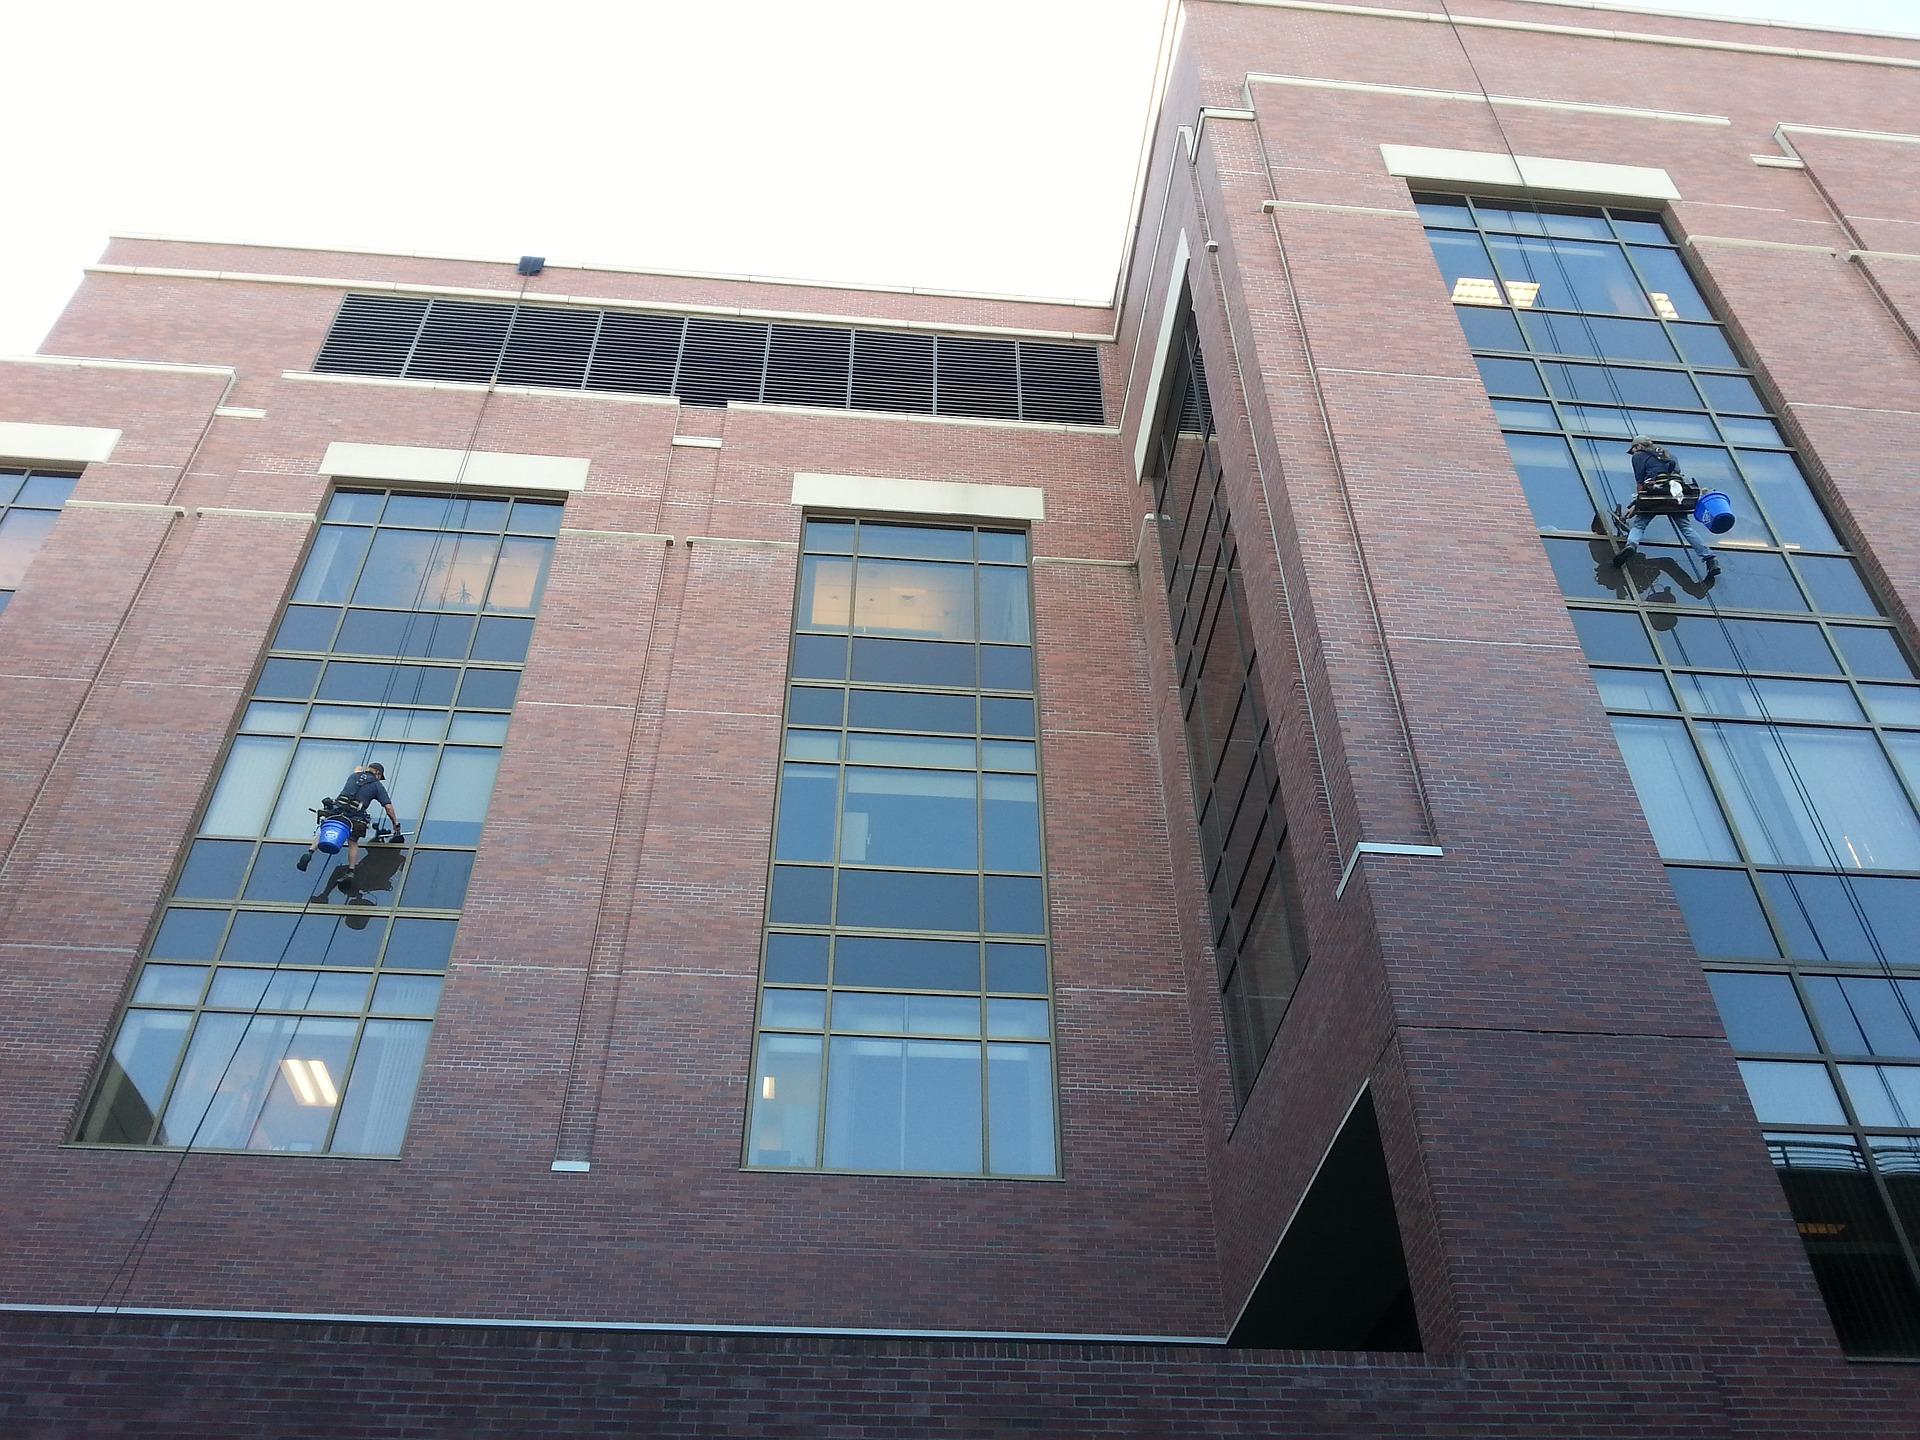 ניקוי חלונות בשיטת אוסמוזה הפוכה – מה זה אומר?